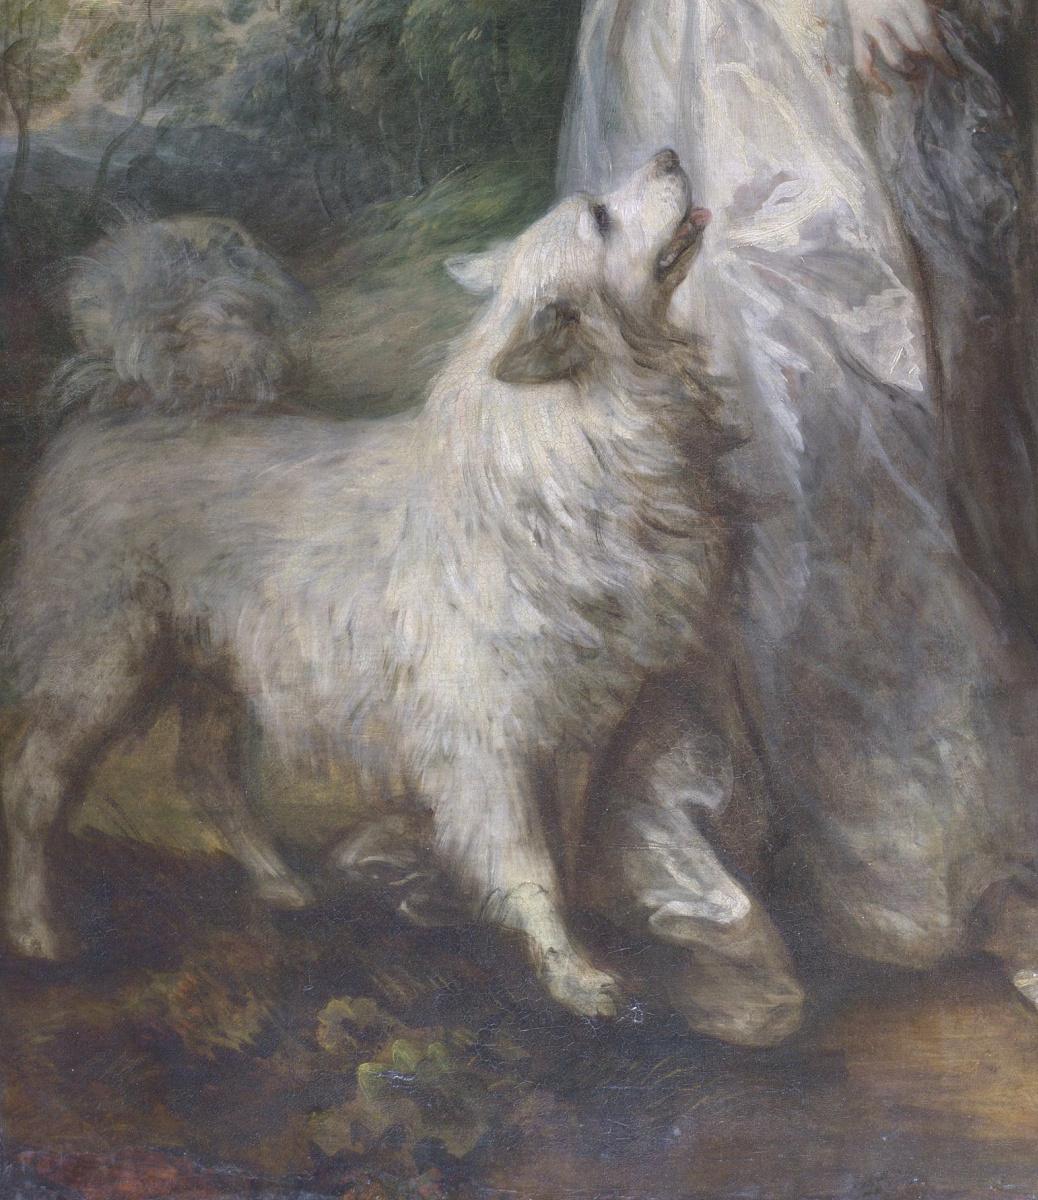 Томас Гейнсборо. Утренняя прогулка. Портрет сквайра Уильяма Хэллета с супругой Элизабет. Фрагмент III